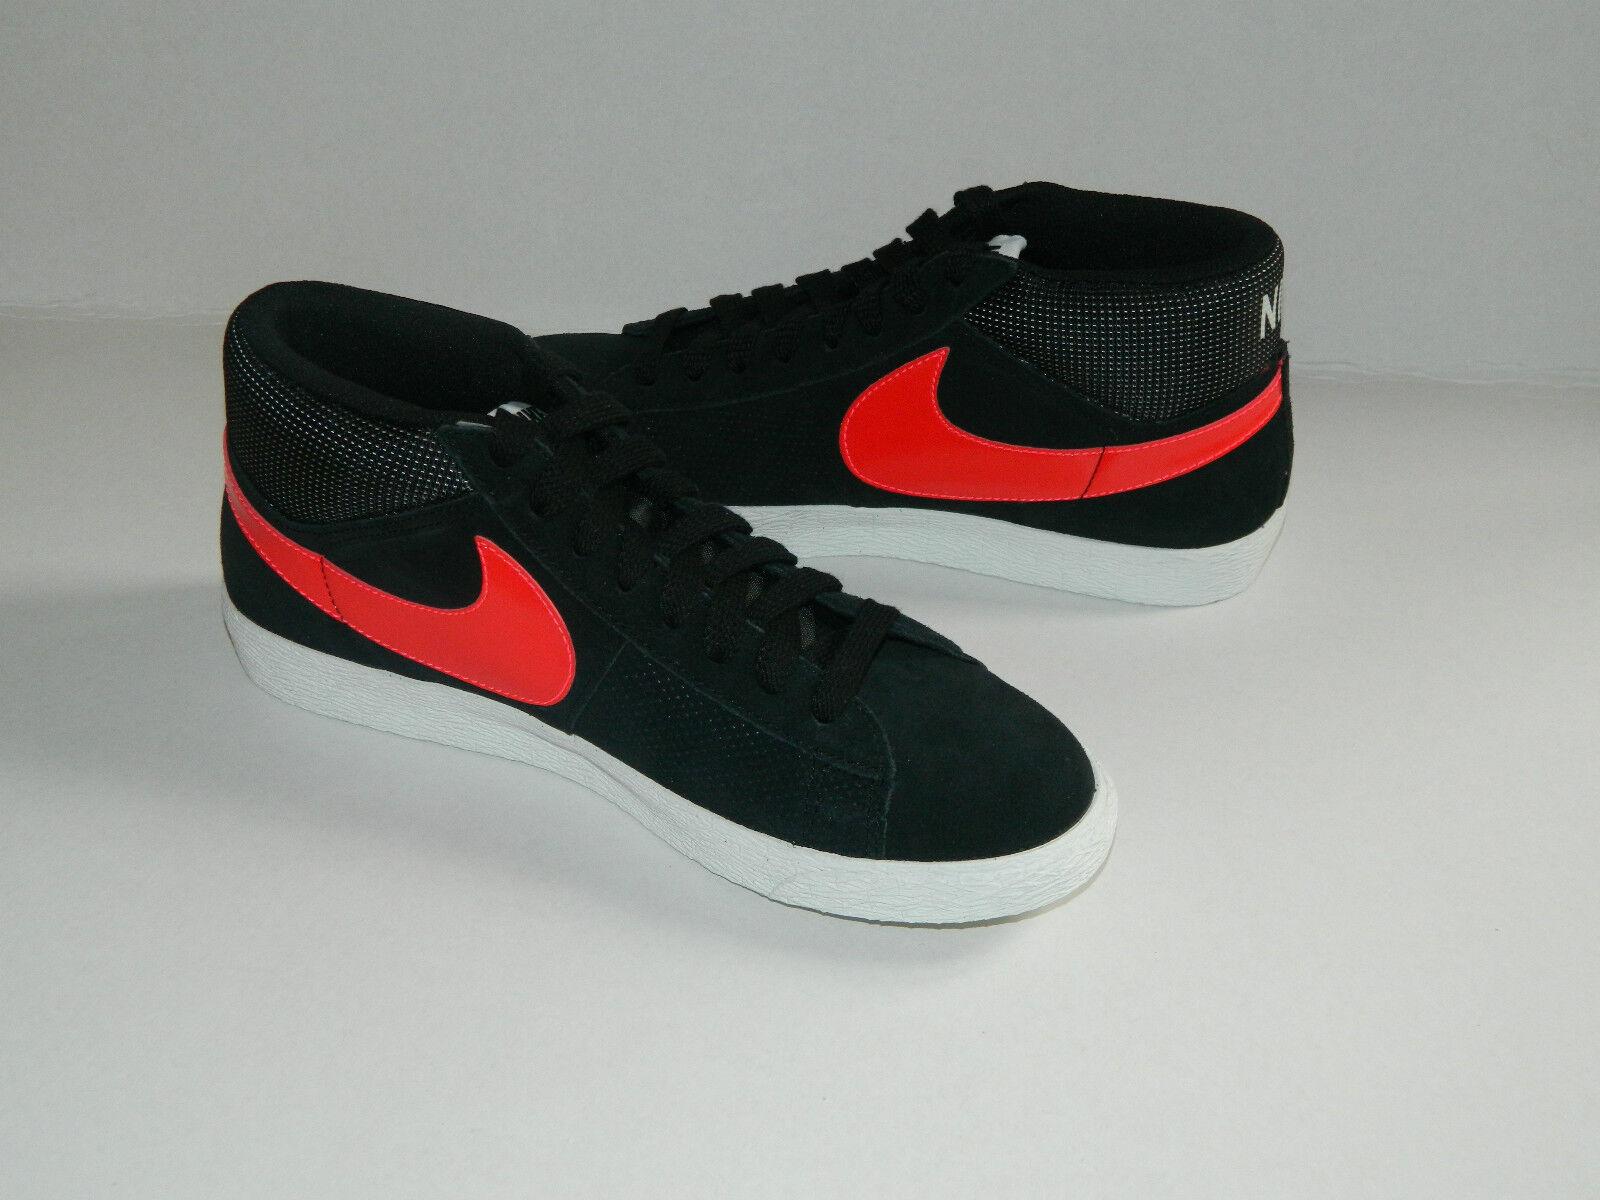 Nike Mujer Blazer Mid 2.0 Negro/Rojo para Mujer Zapatillas 5.5 Zapatos Tallas _ 5.5 Zapatillas 3c0d38